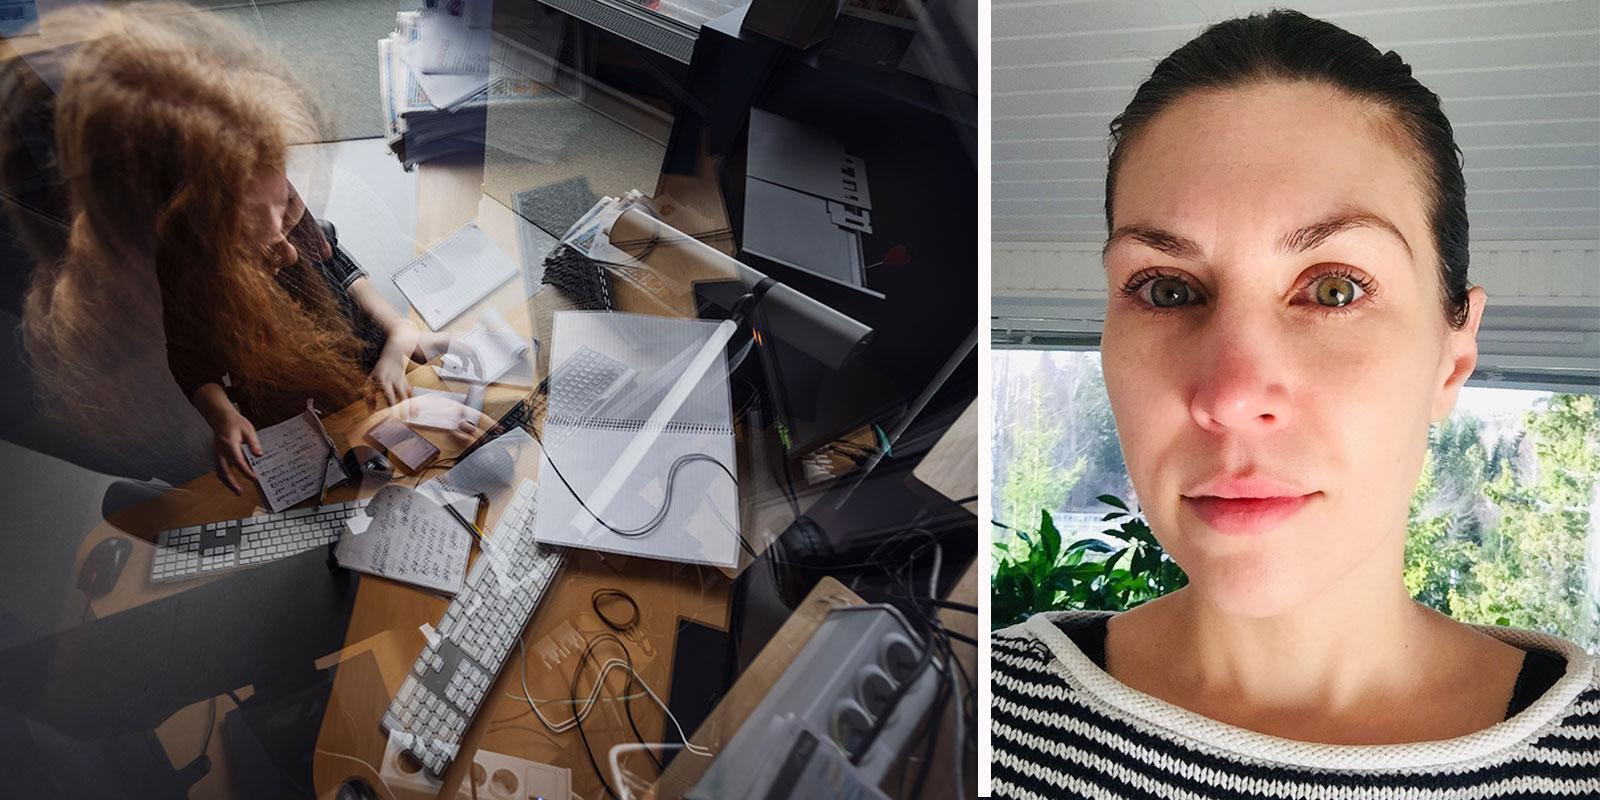 Karolina Kaplan blev utbränd av jobbet, med ångestattacker och depression som direkt resultat.